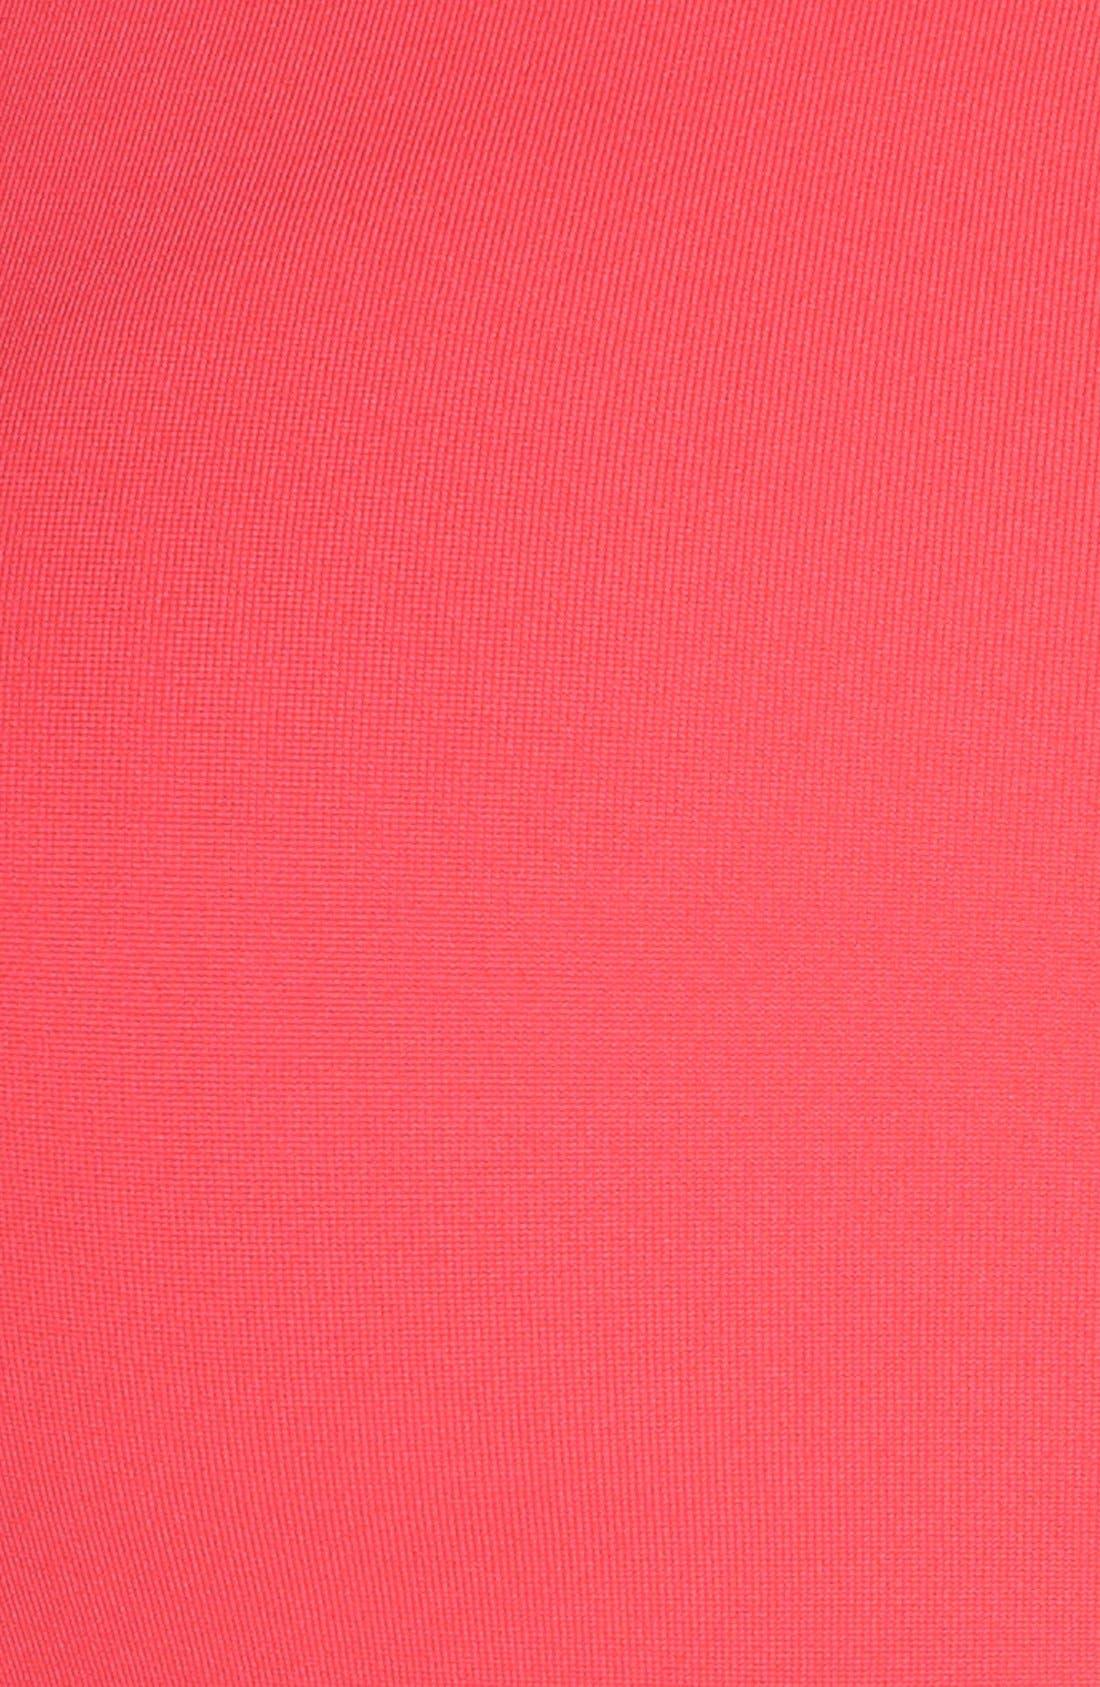 Juno Bra,                             Alternate thumbnail 6, color,                             Poppy/ Oxford